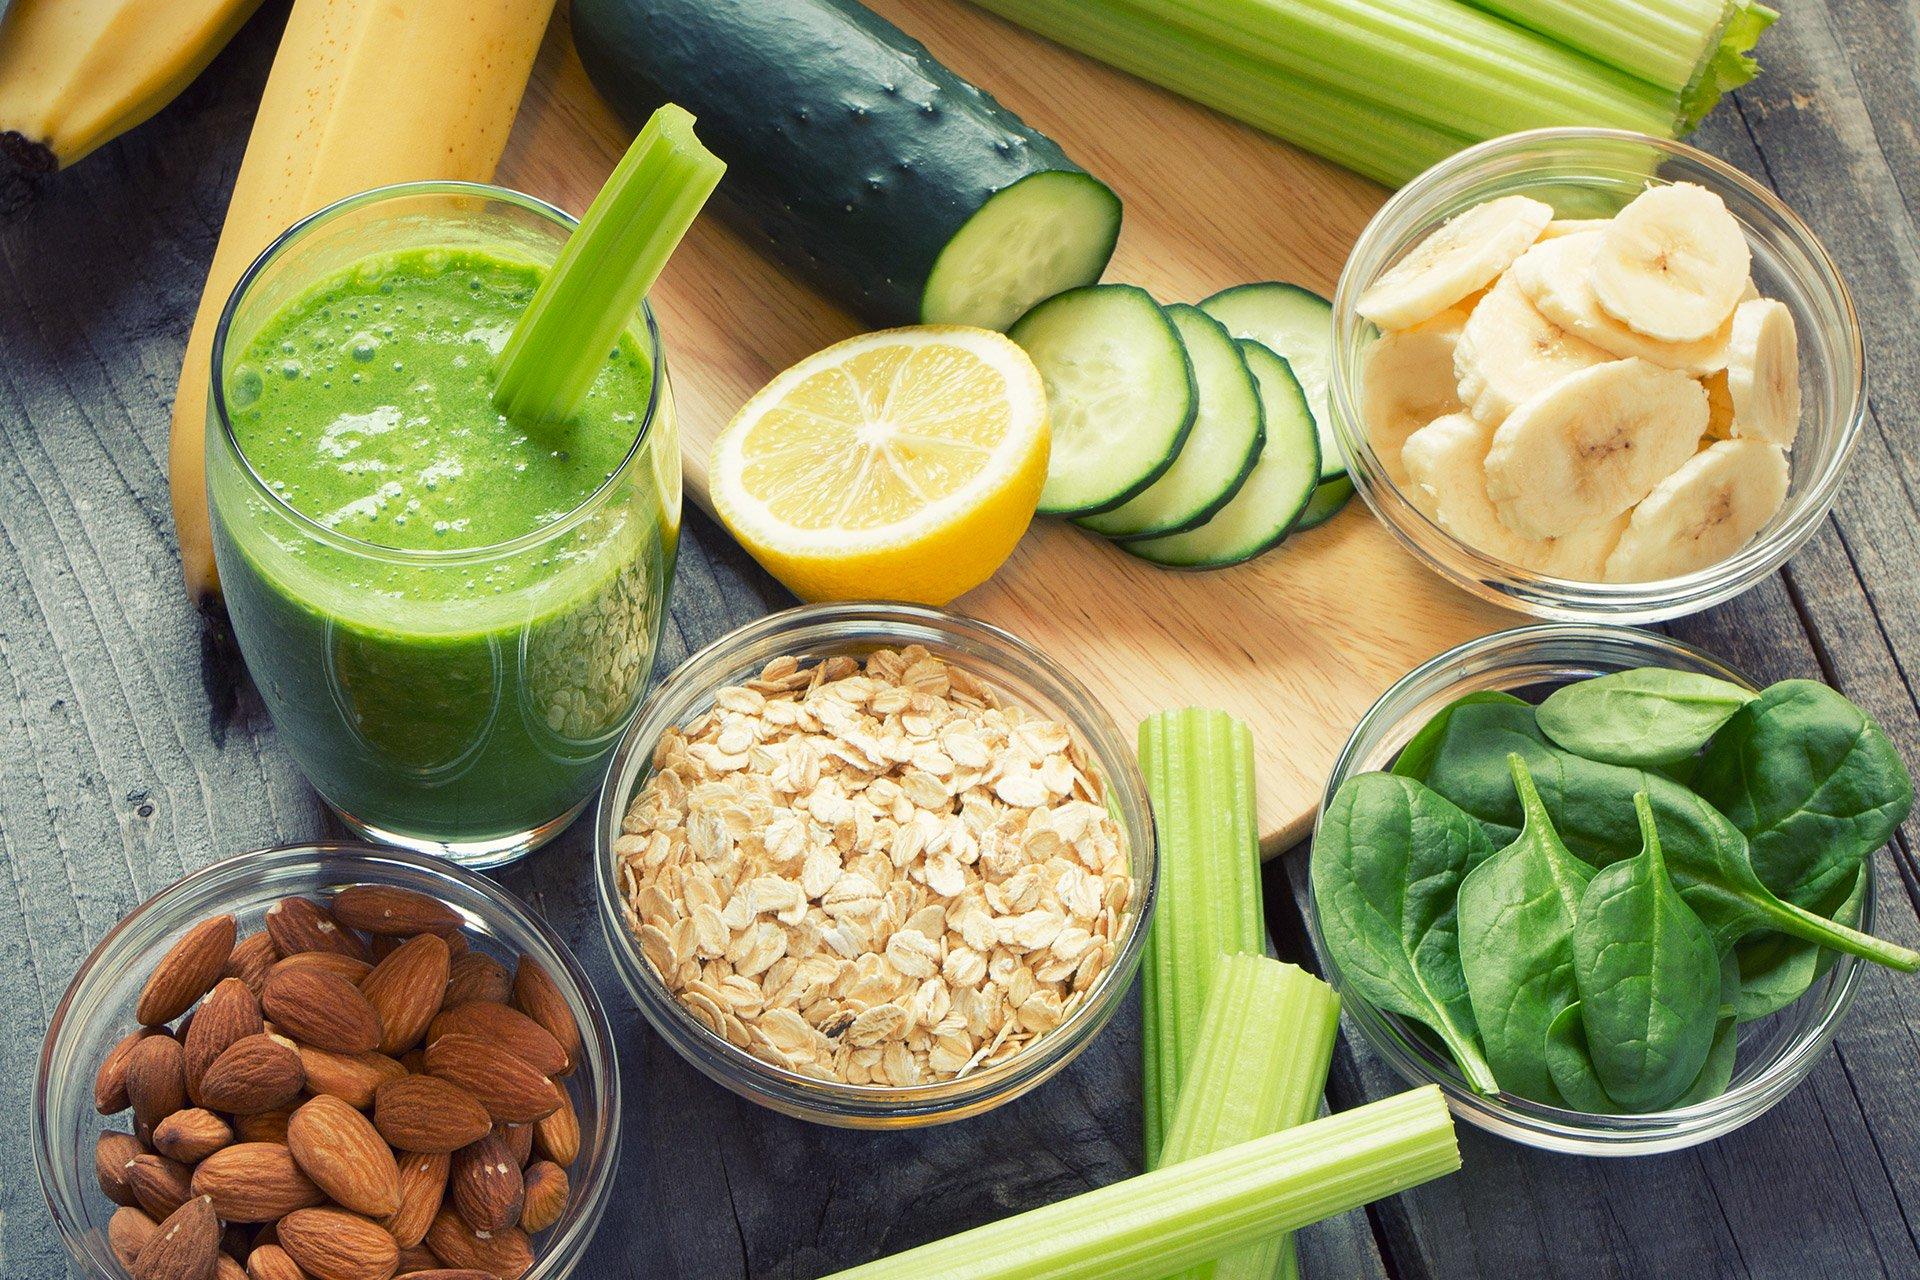 Пп Для Быстрого Похудения. ПП: питание для похудения, меню на неделю из простых продуктов